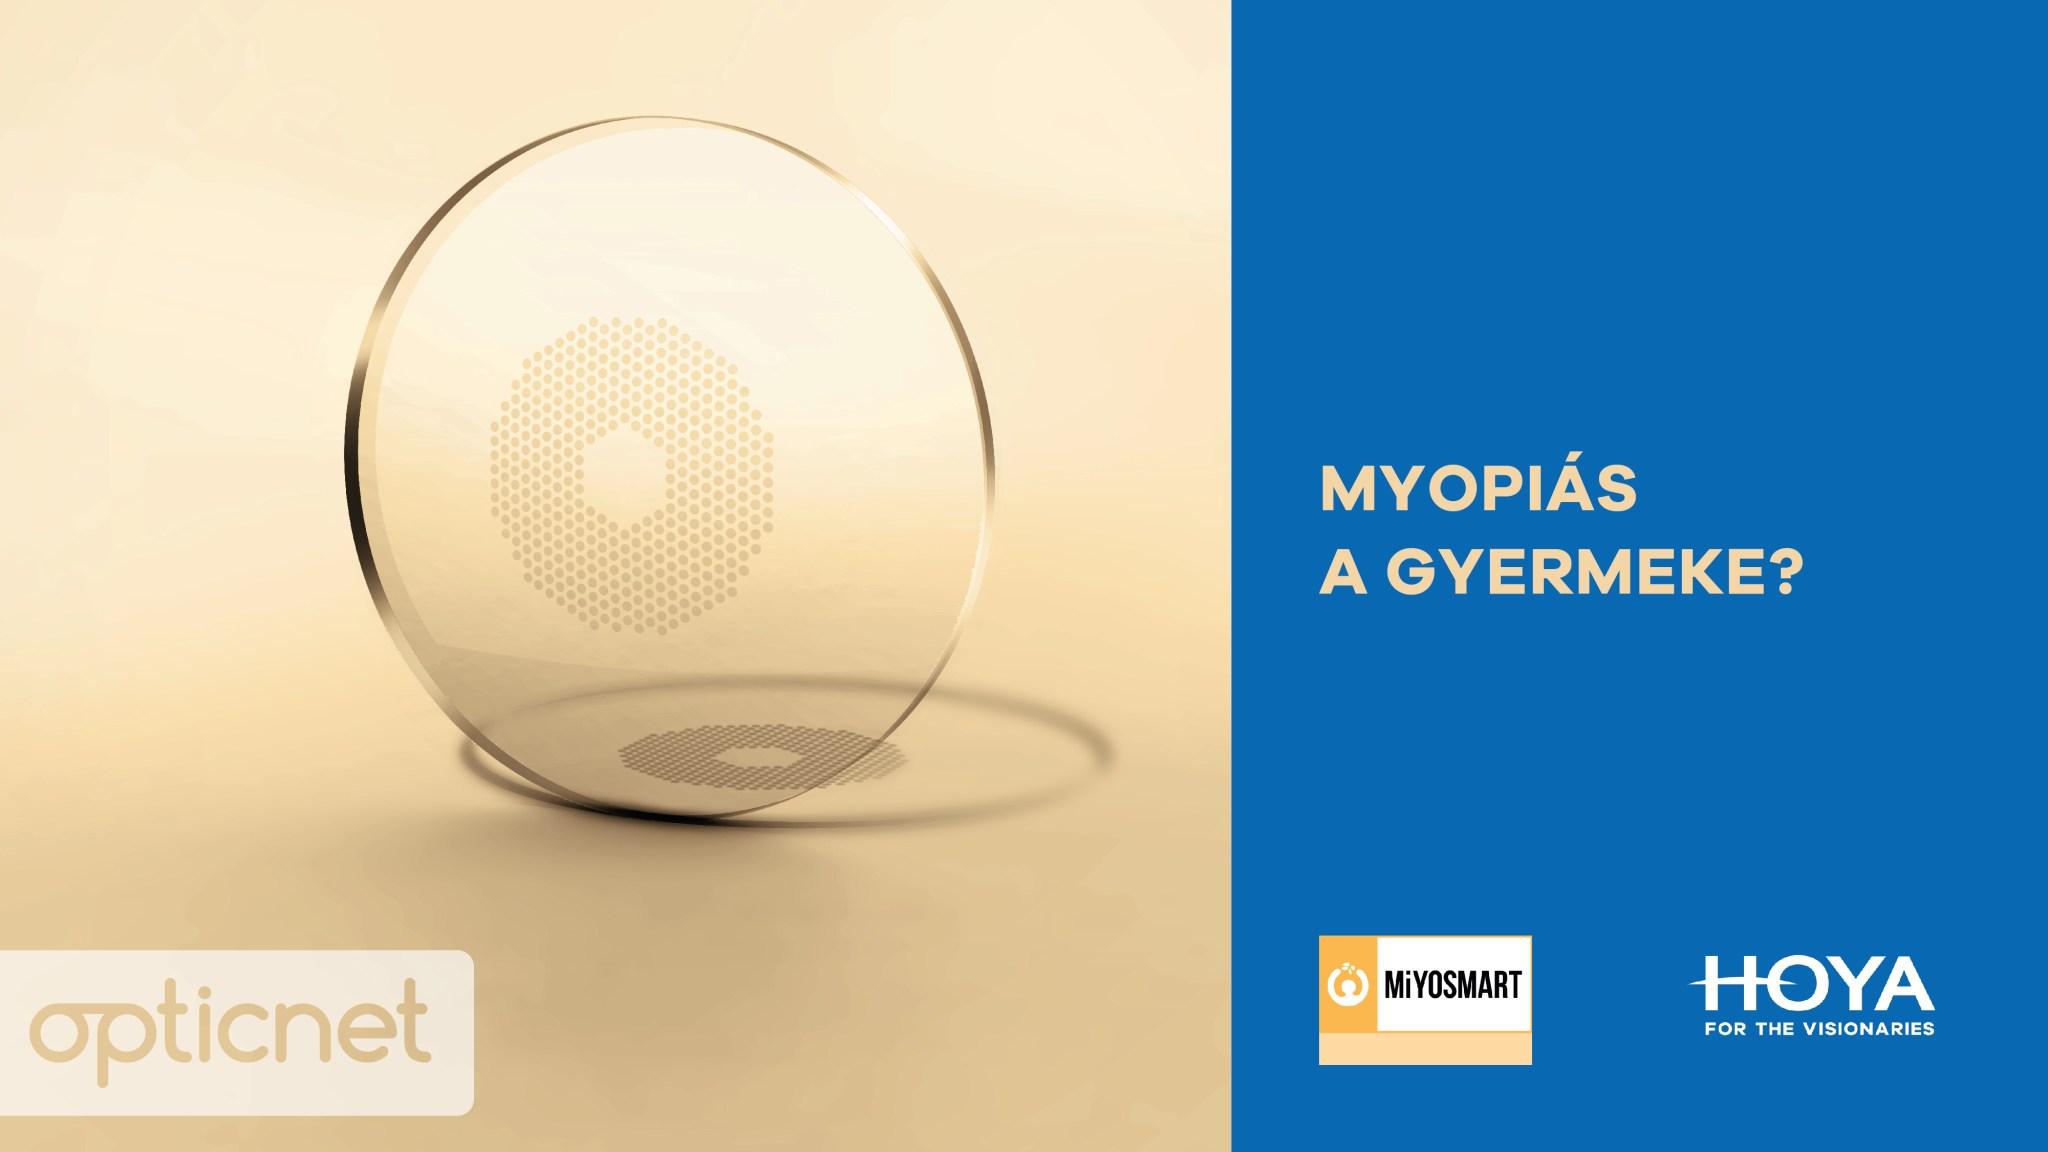 Megoldás a gyermekkori rövidlátásra - Hoya MiYOSMART lencsék elérhetőek az Edit Optikában!